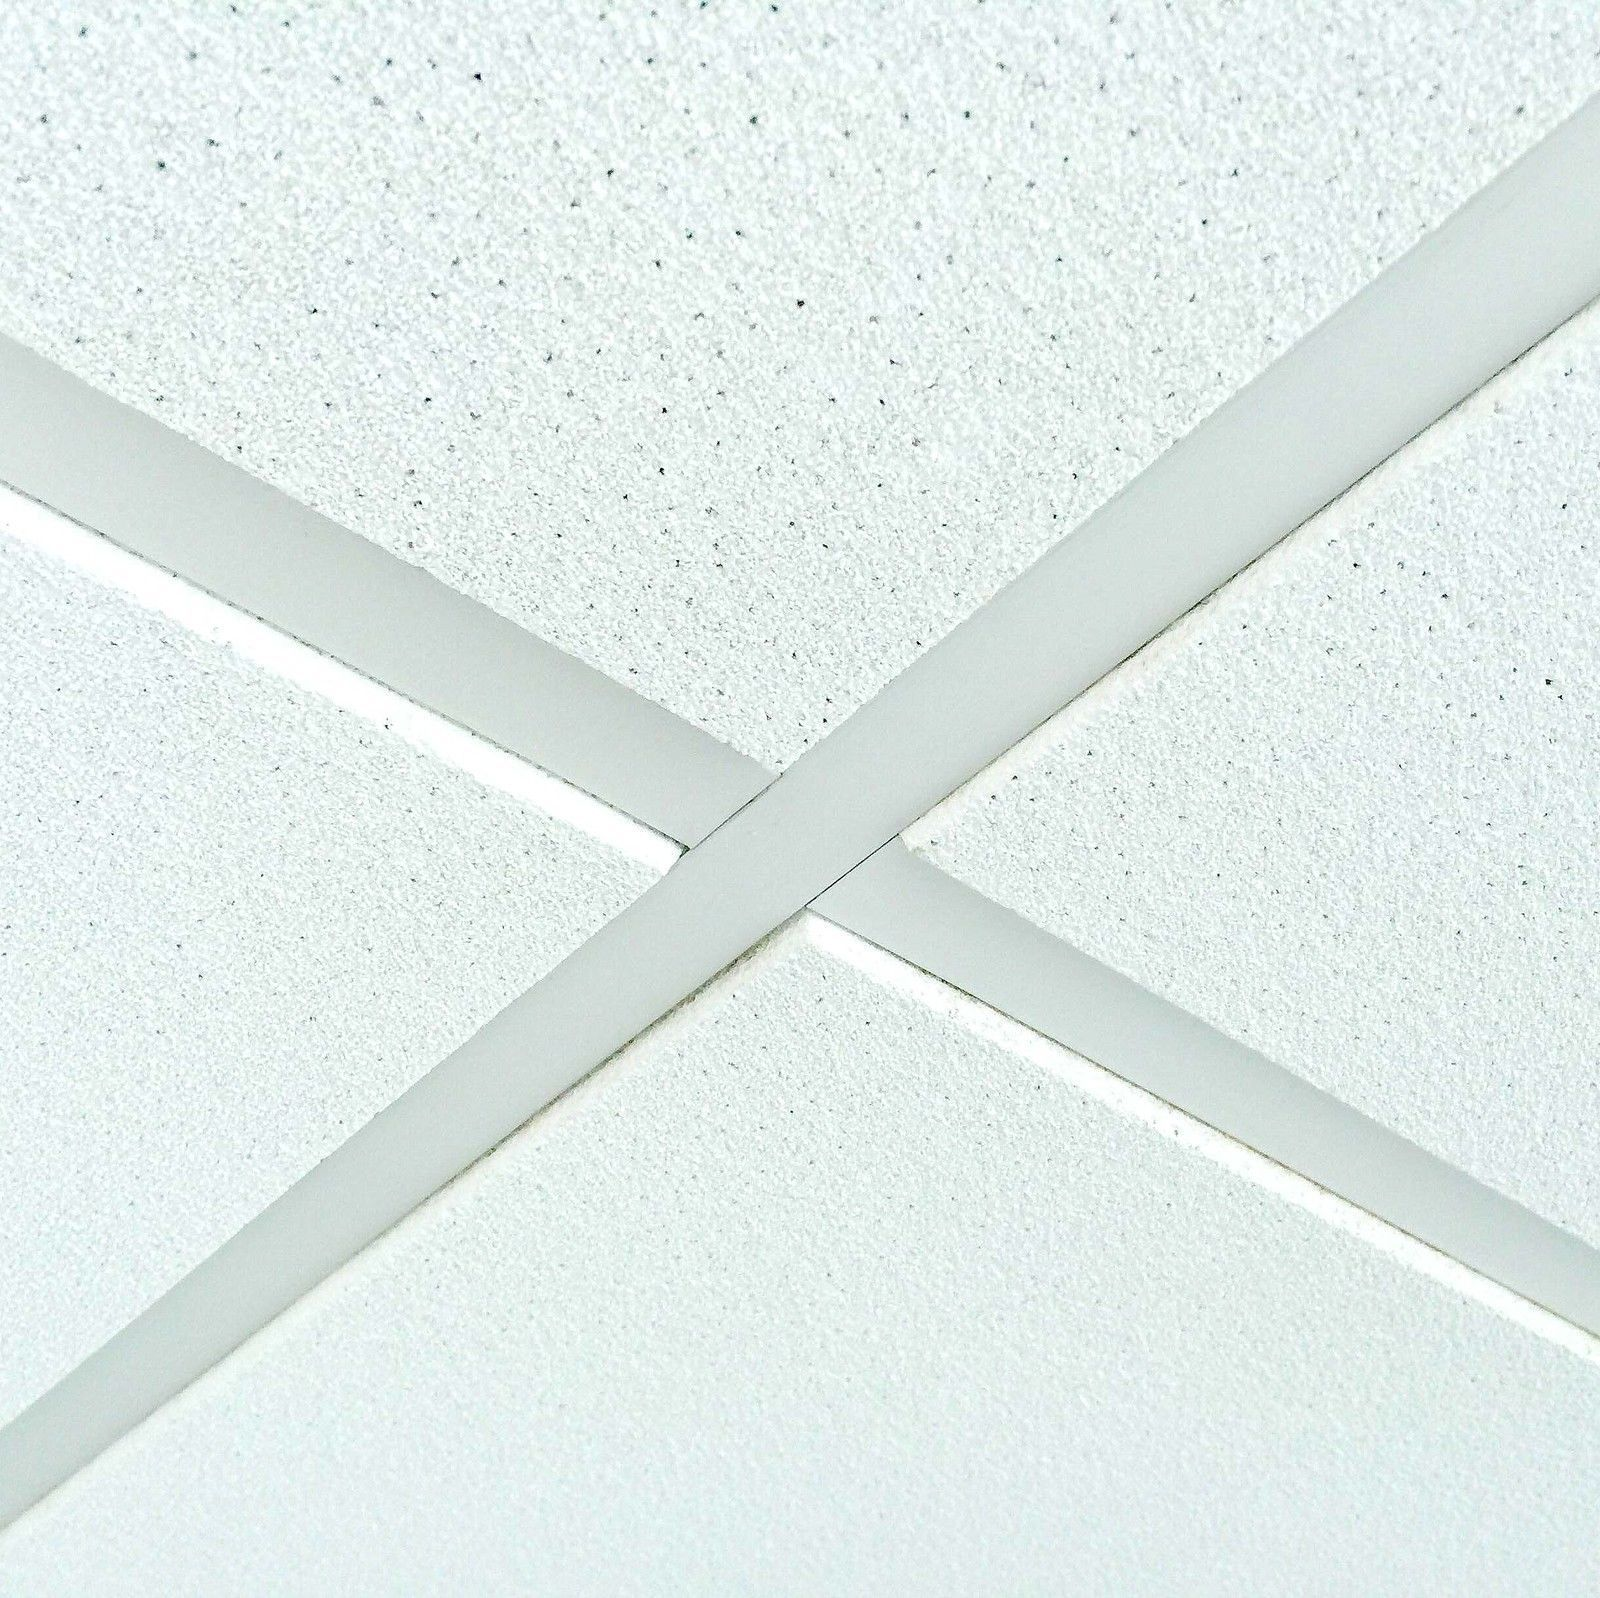 tegular ceiling grid ceiling tiles